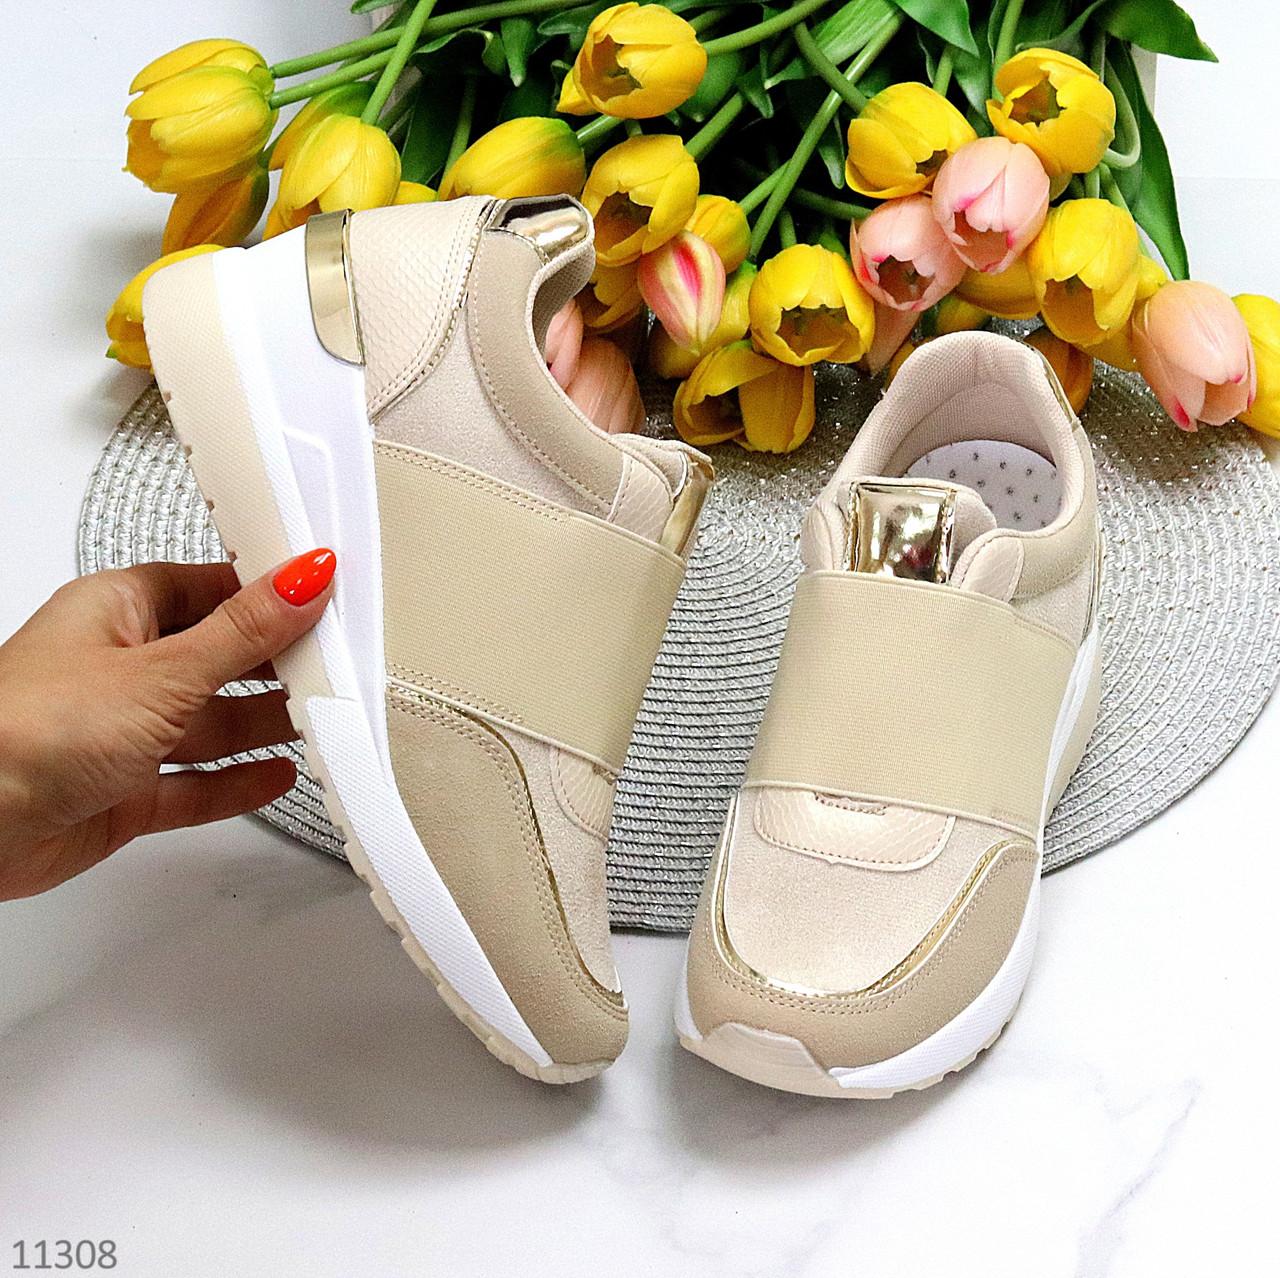 Бежевые комфортные стильные женские кроссовки сникерсы на каждый день